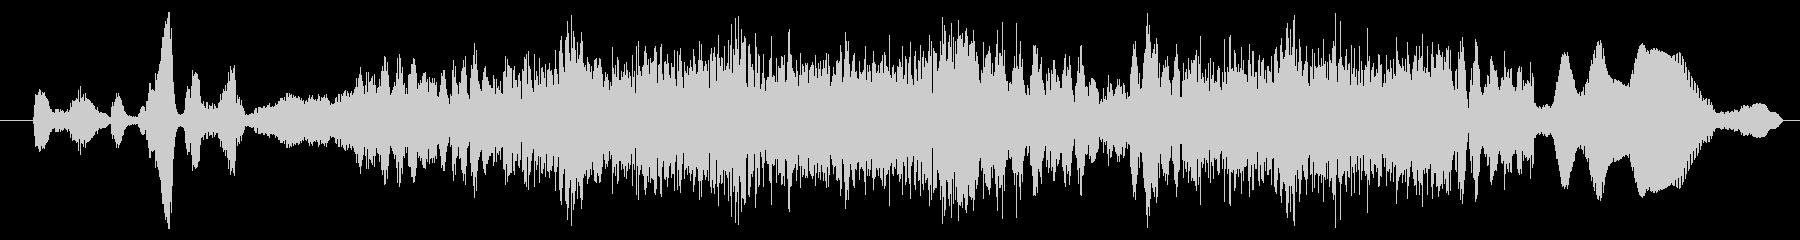 モンスター グリッチグロール01の未再生の波形